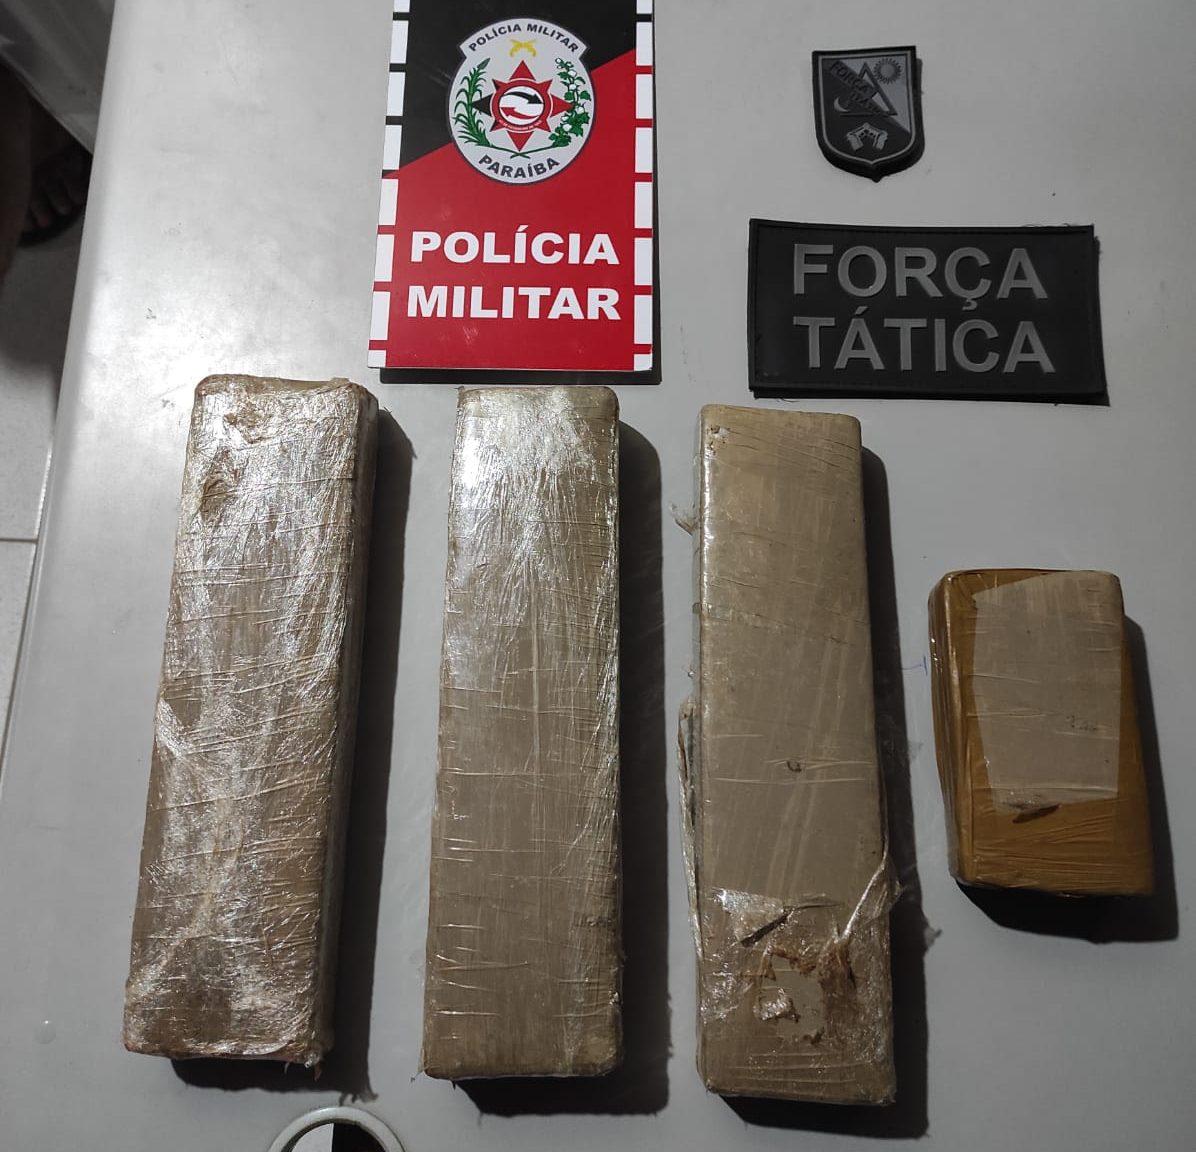 IMG-20211008-WA0002-e1633664918436 Homem é preso suspeito de tráfico de drogas em Monteiro